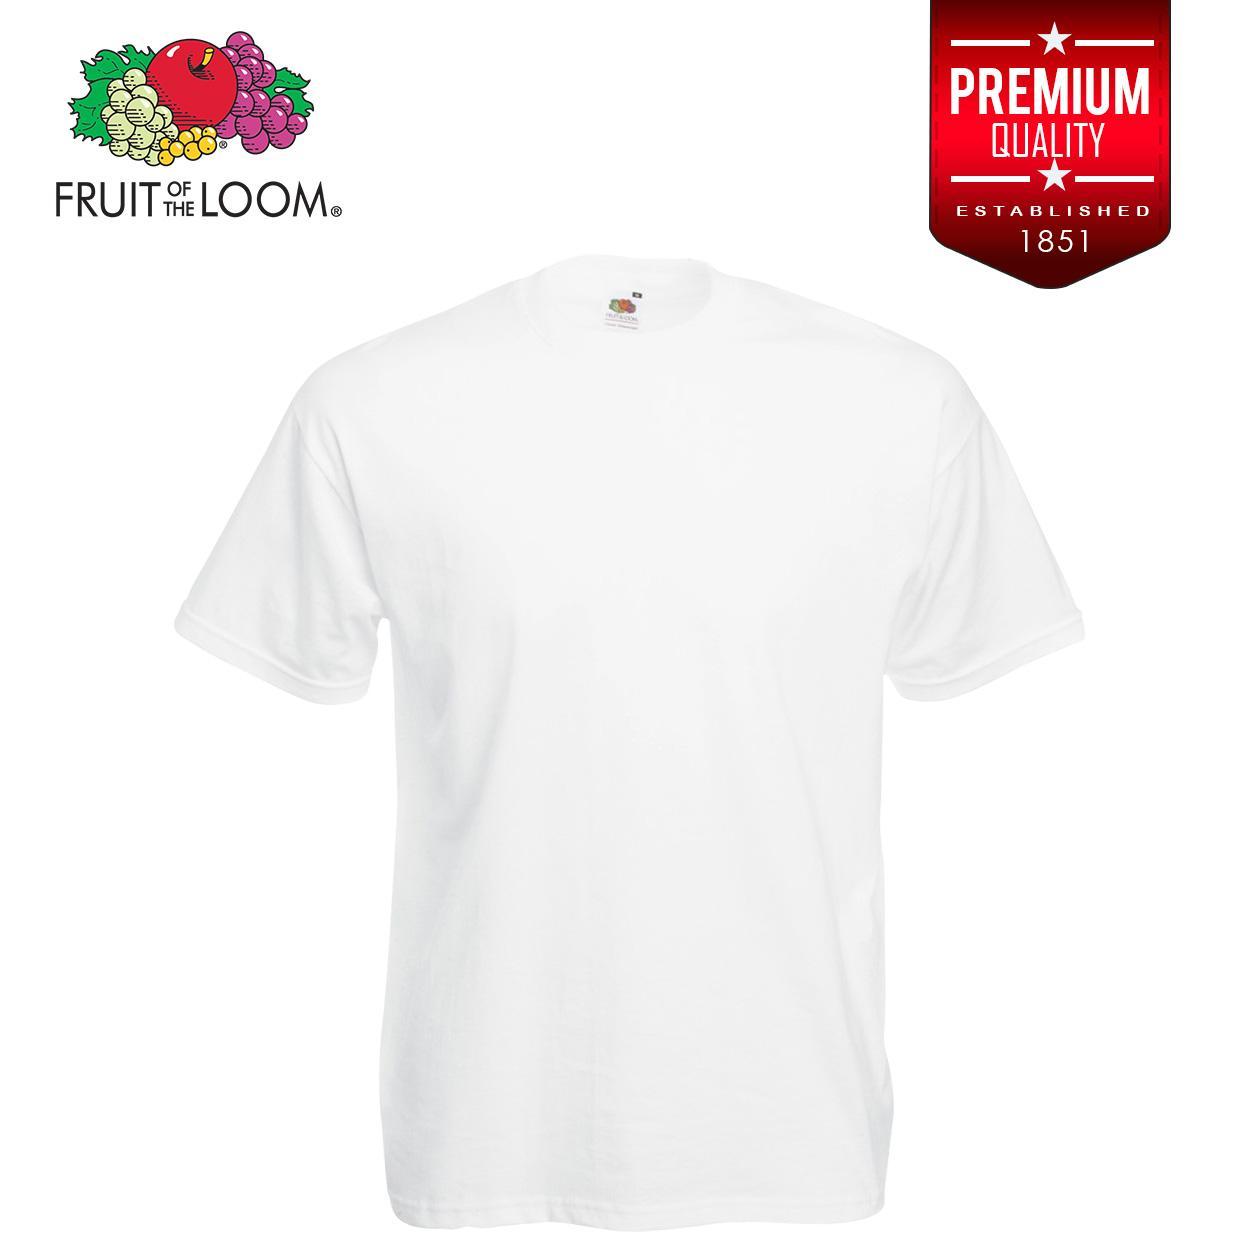 ea788c6a Fruit of the Loom Soft Premium T Shirt tshirt plain tee tees Mens t shirt  shirts